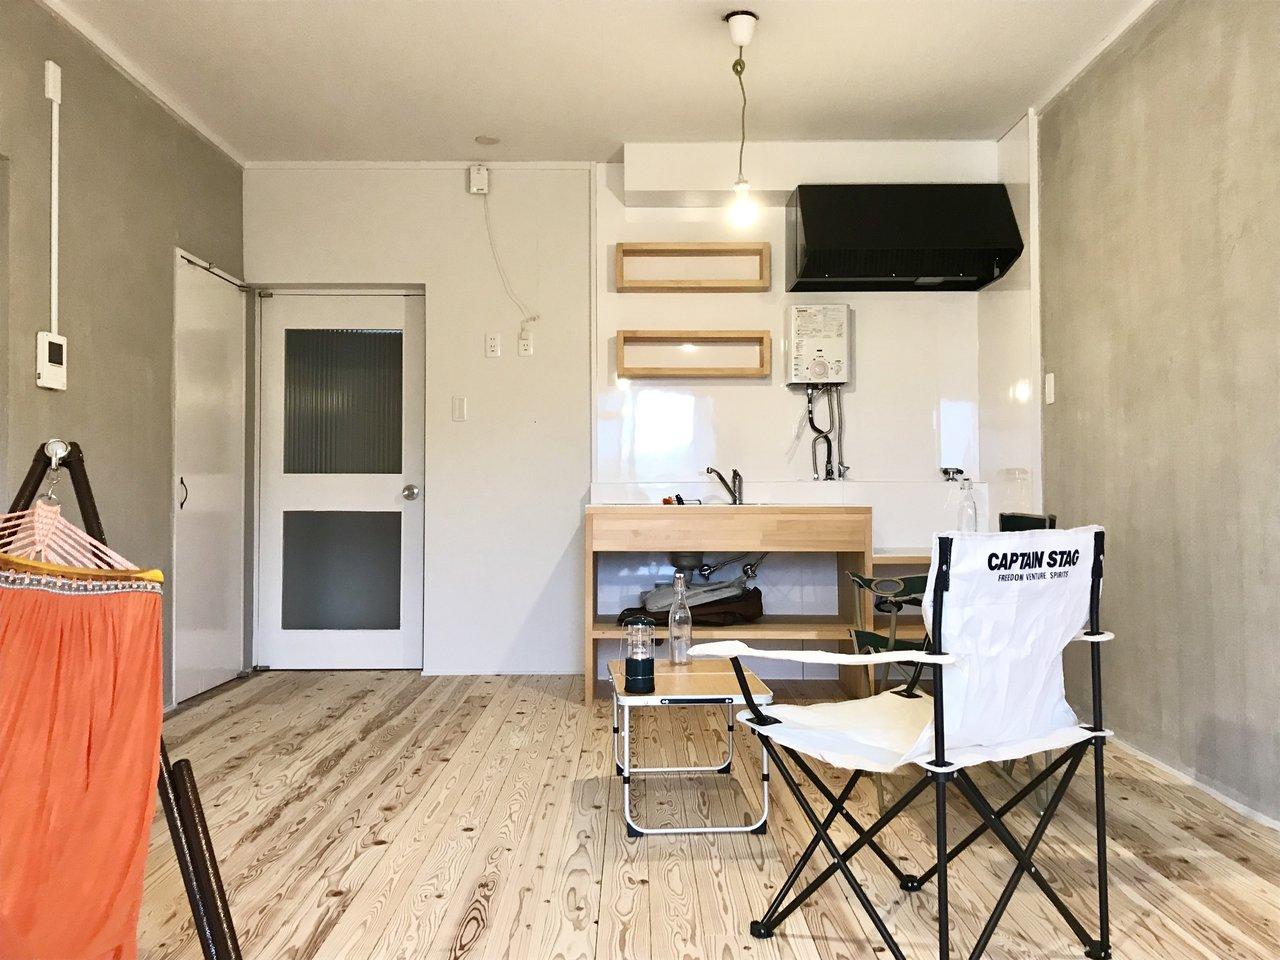 リーズナブルに暮らせるリノベ物件のご紹介です。床は無垢フローリング。細部までこだわってつくられています。